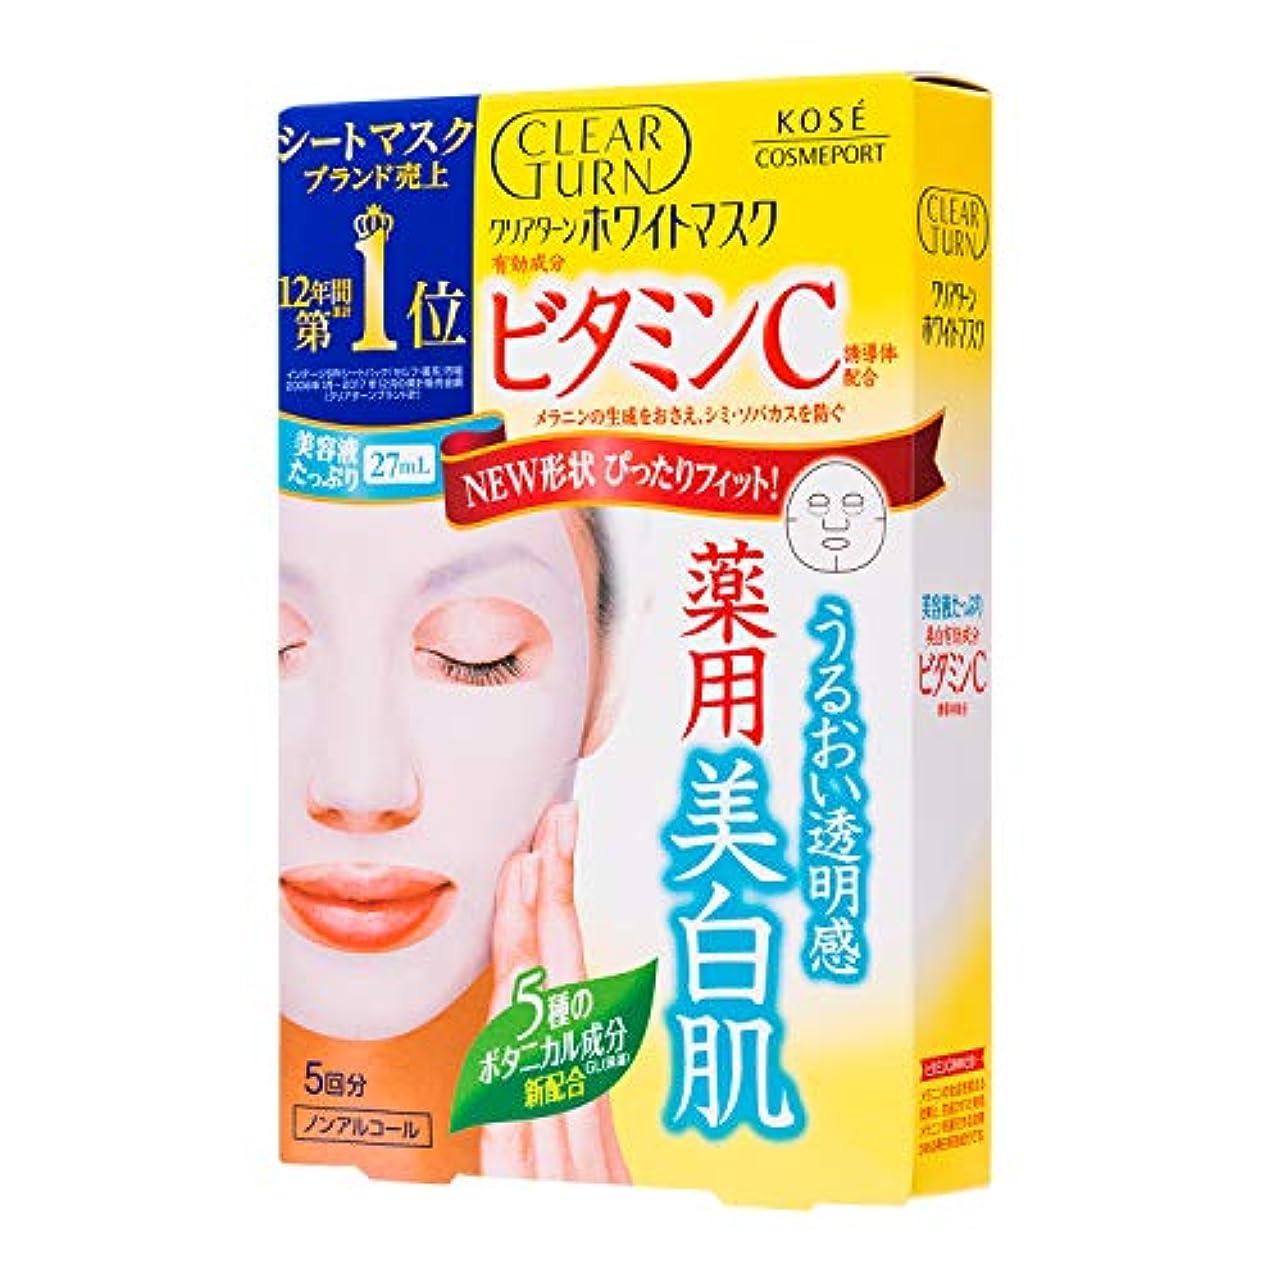 持っているステーキ叙情的なKOSE コーセー クリアターン ホワイト マスク VC (ビタミンC) 5枚 フェイスマスク